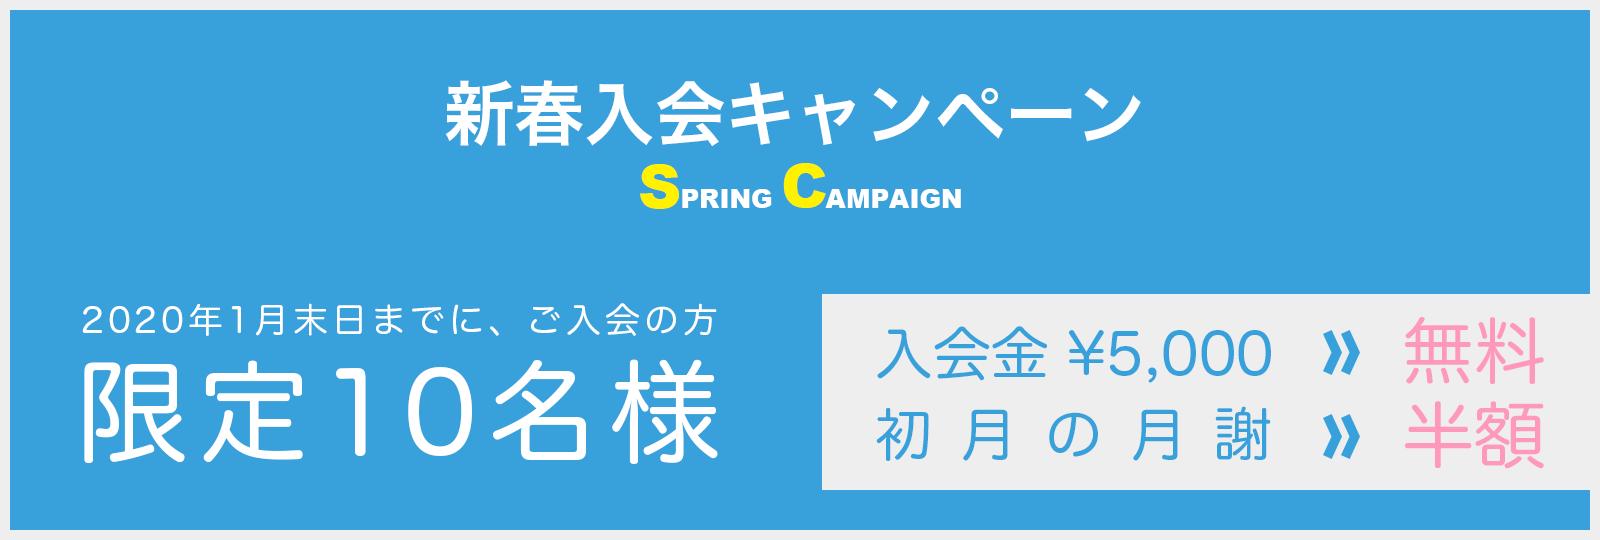 新春入会キャンペーン2020年1月末日までご入会の方限定10名様入会金無料初月の月謝半額